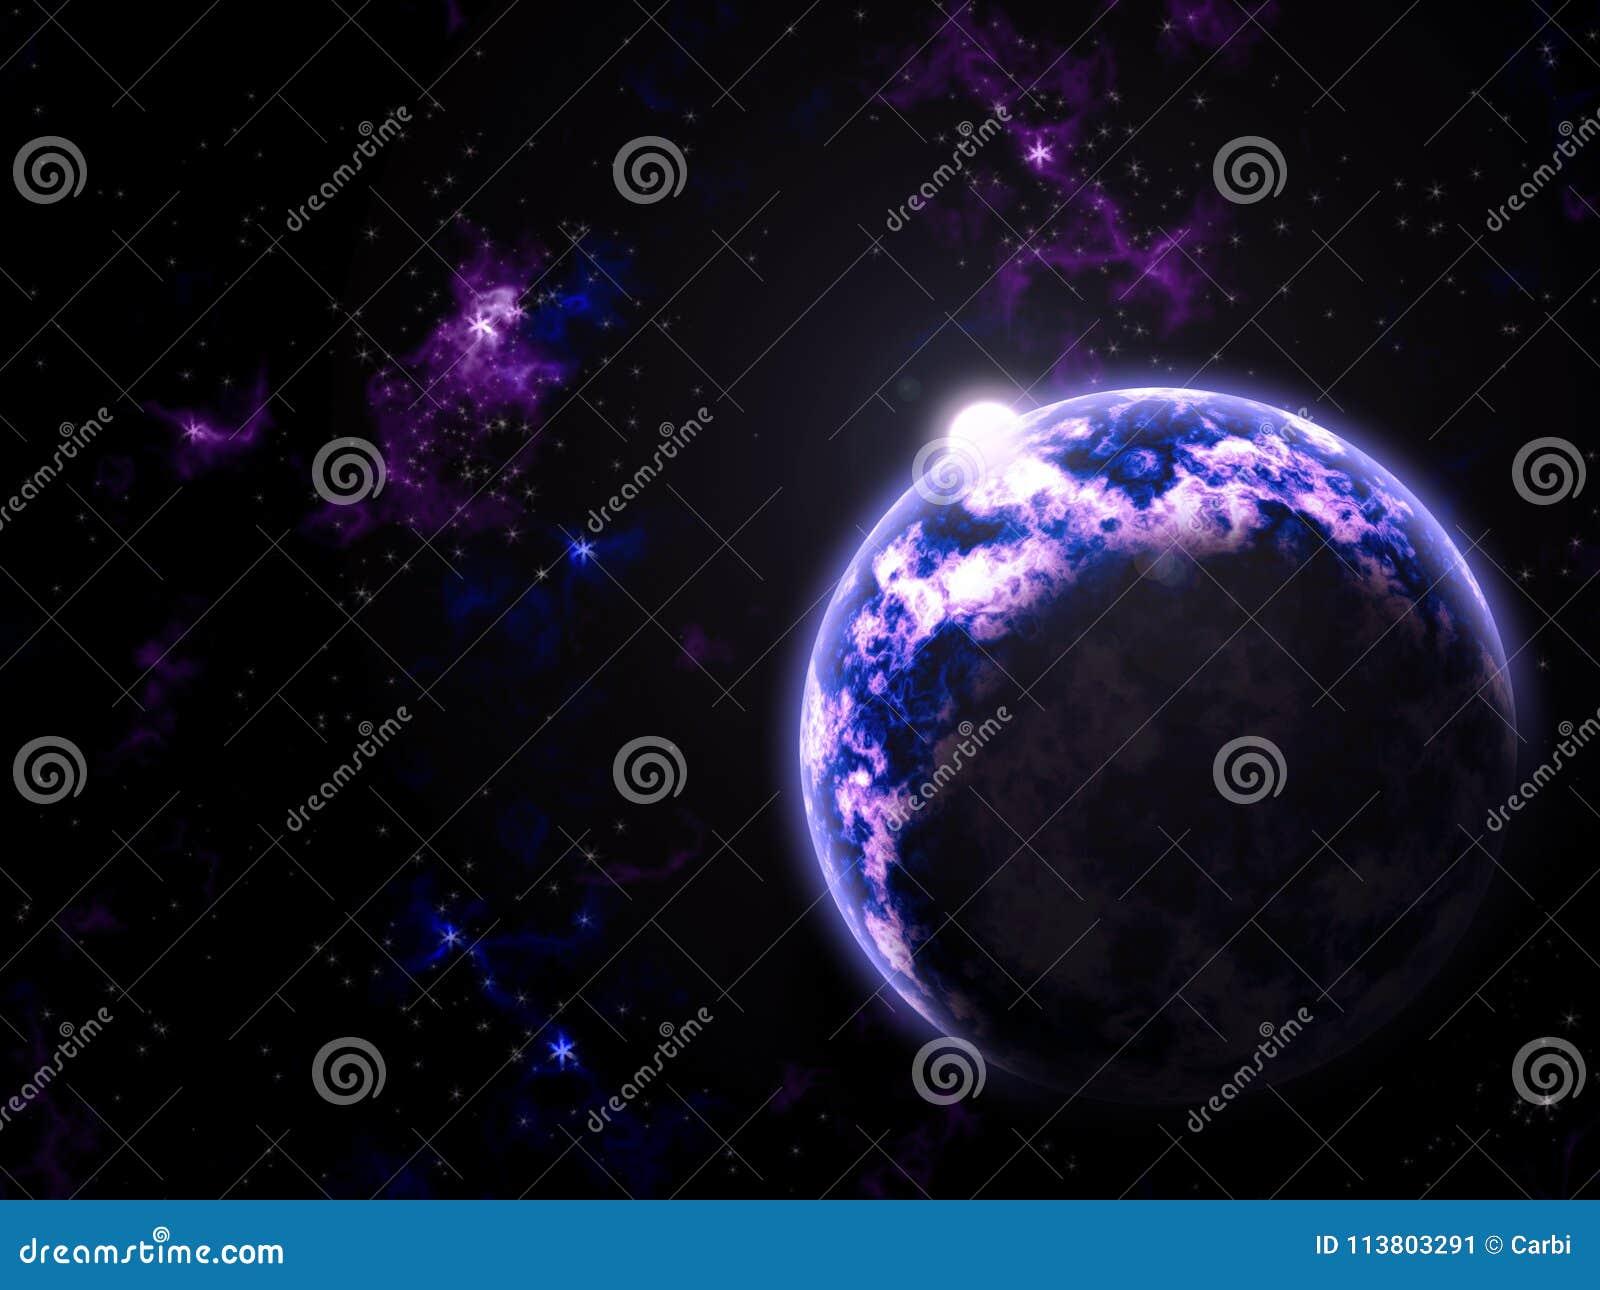 Πλανήτης και ήλιος υπεριωδών γαλαξιών